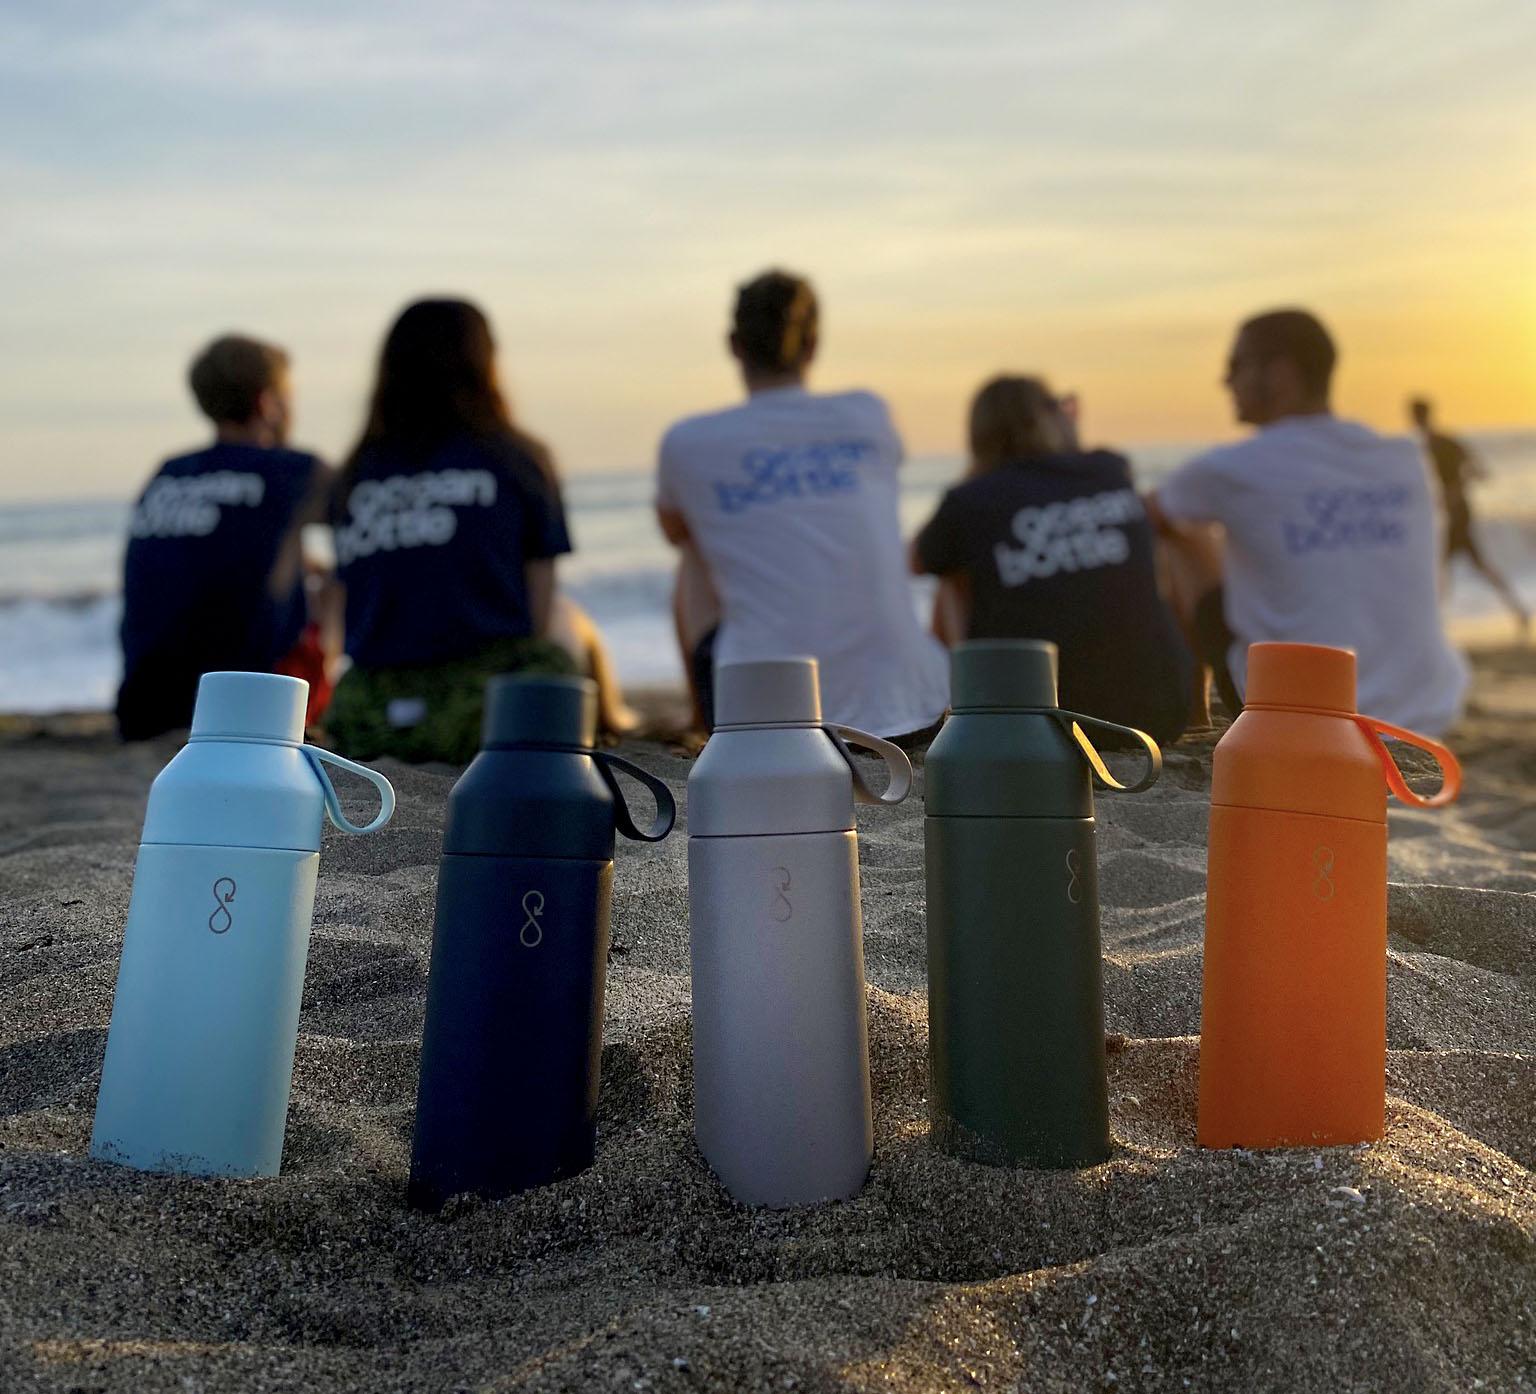 アイキャッチ:世界の海洋汚染・貧困問題の解決を目指すエコなマイボトル「Oc …